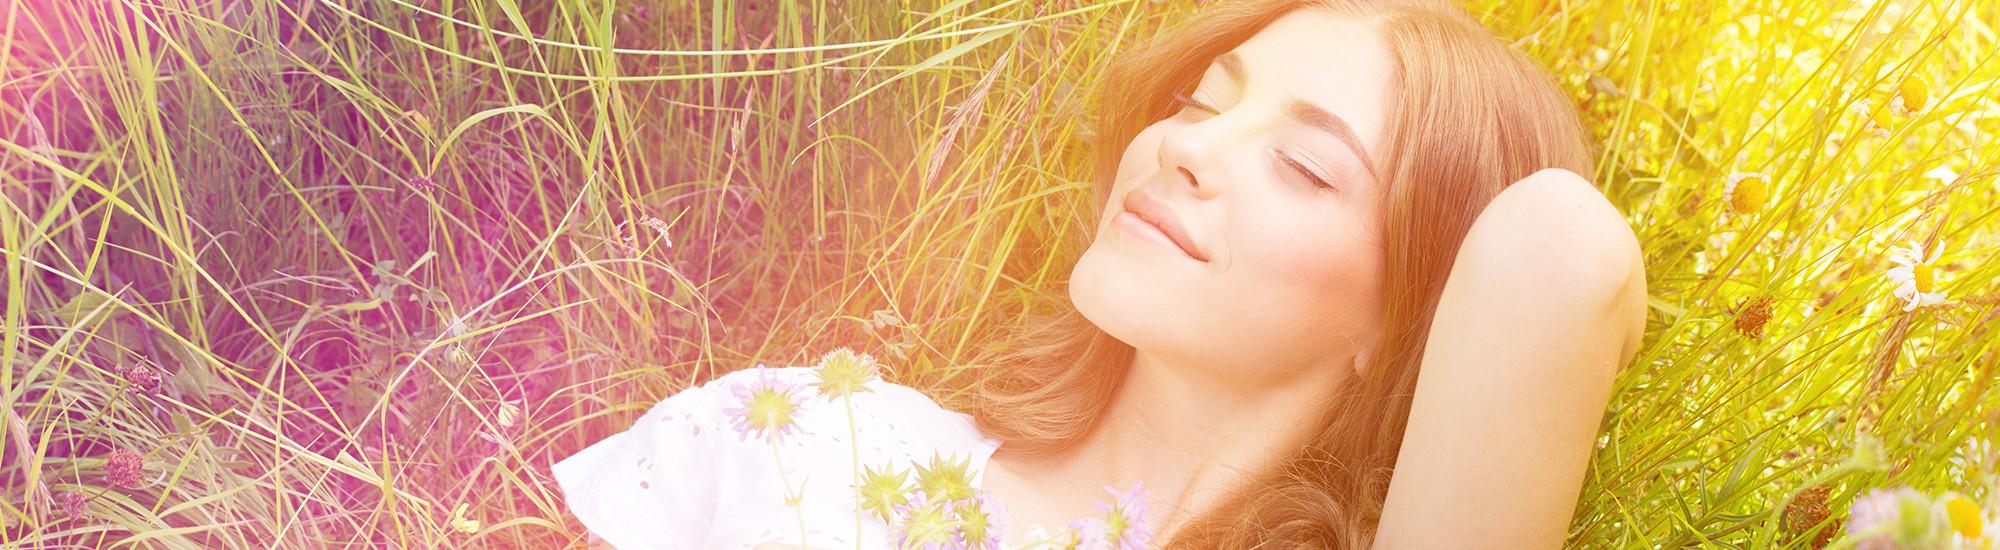 Yamswurzel kaufen - natürliche Hormone für Frauen